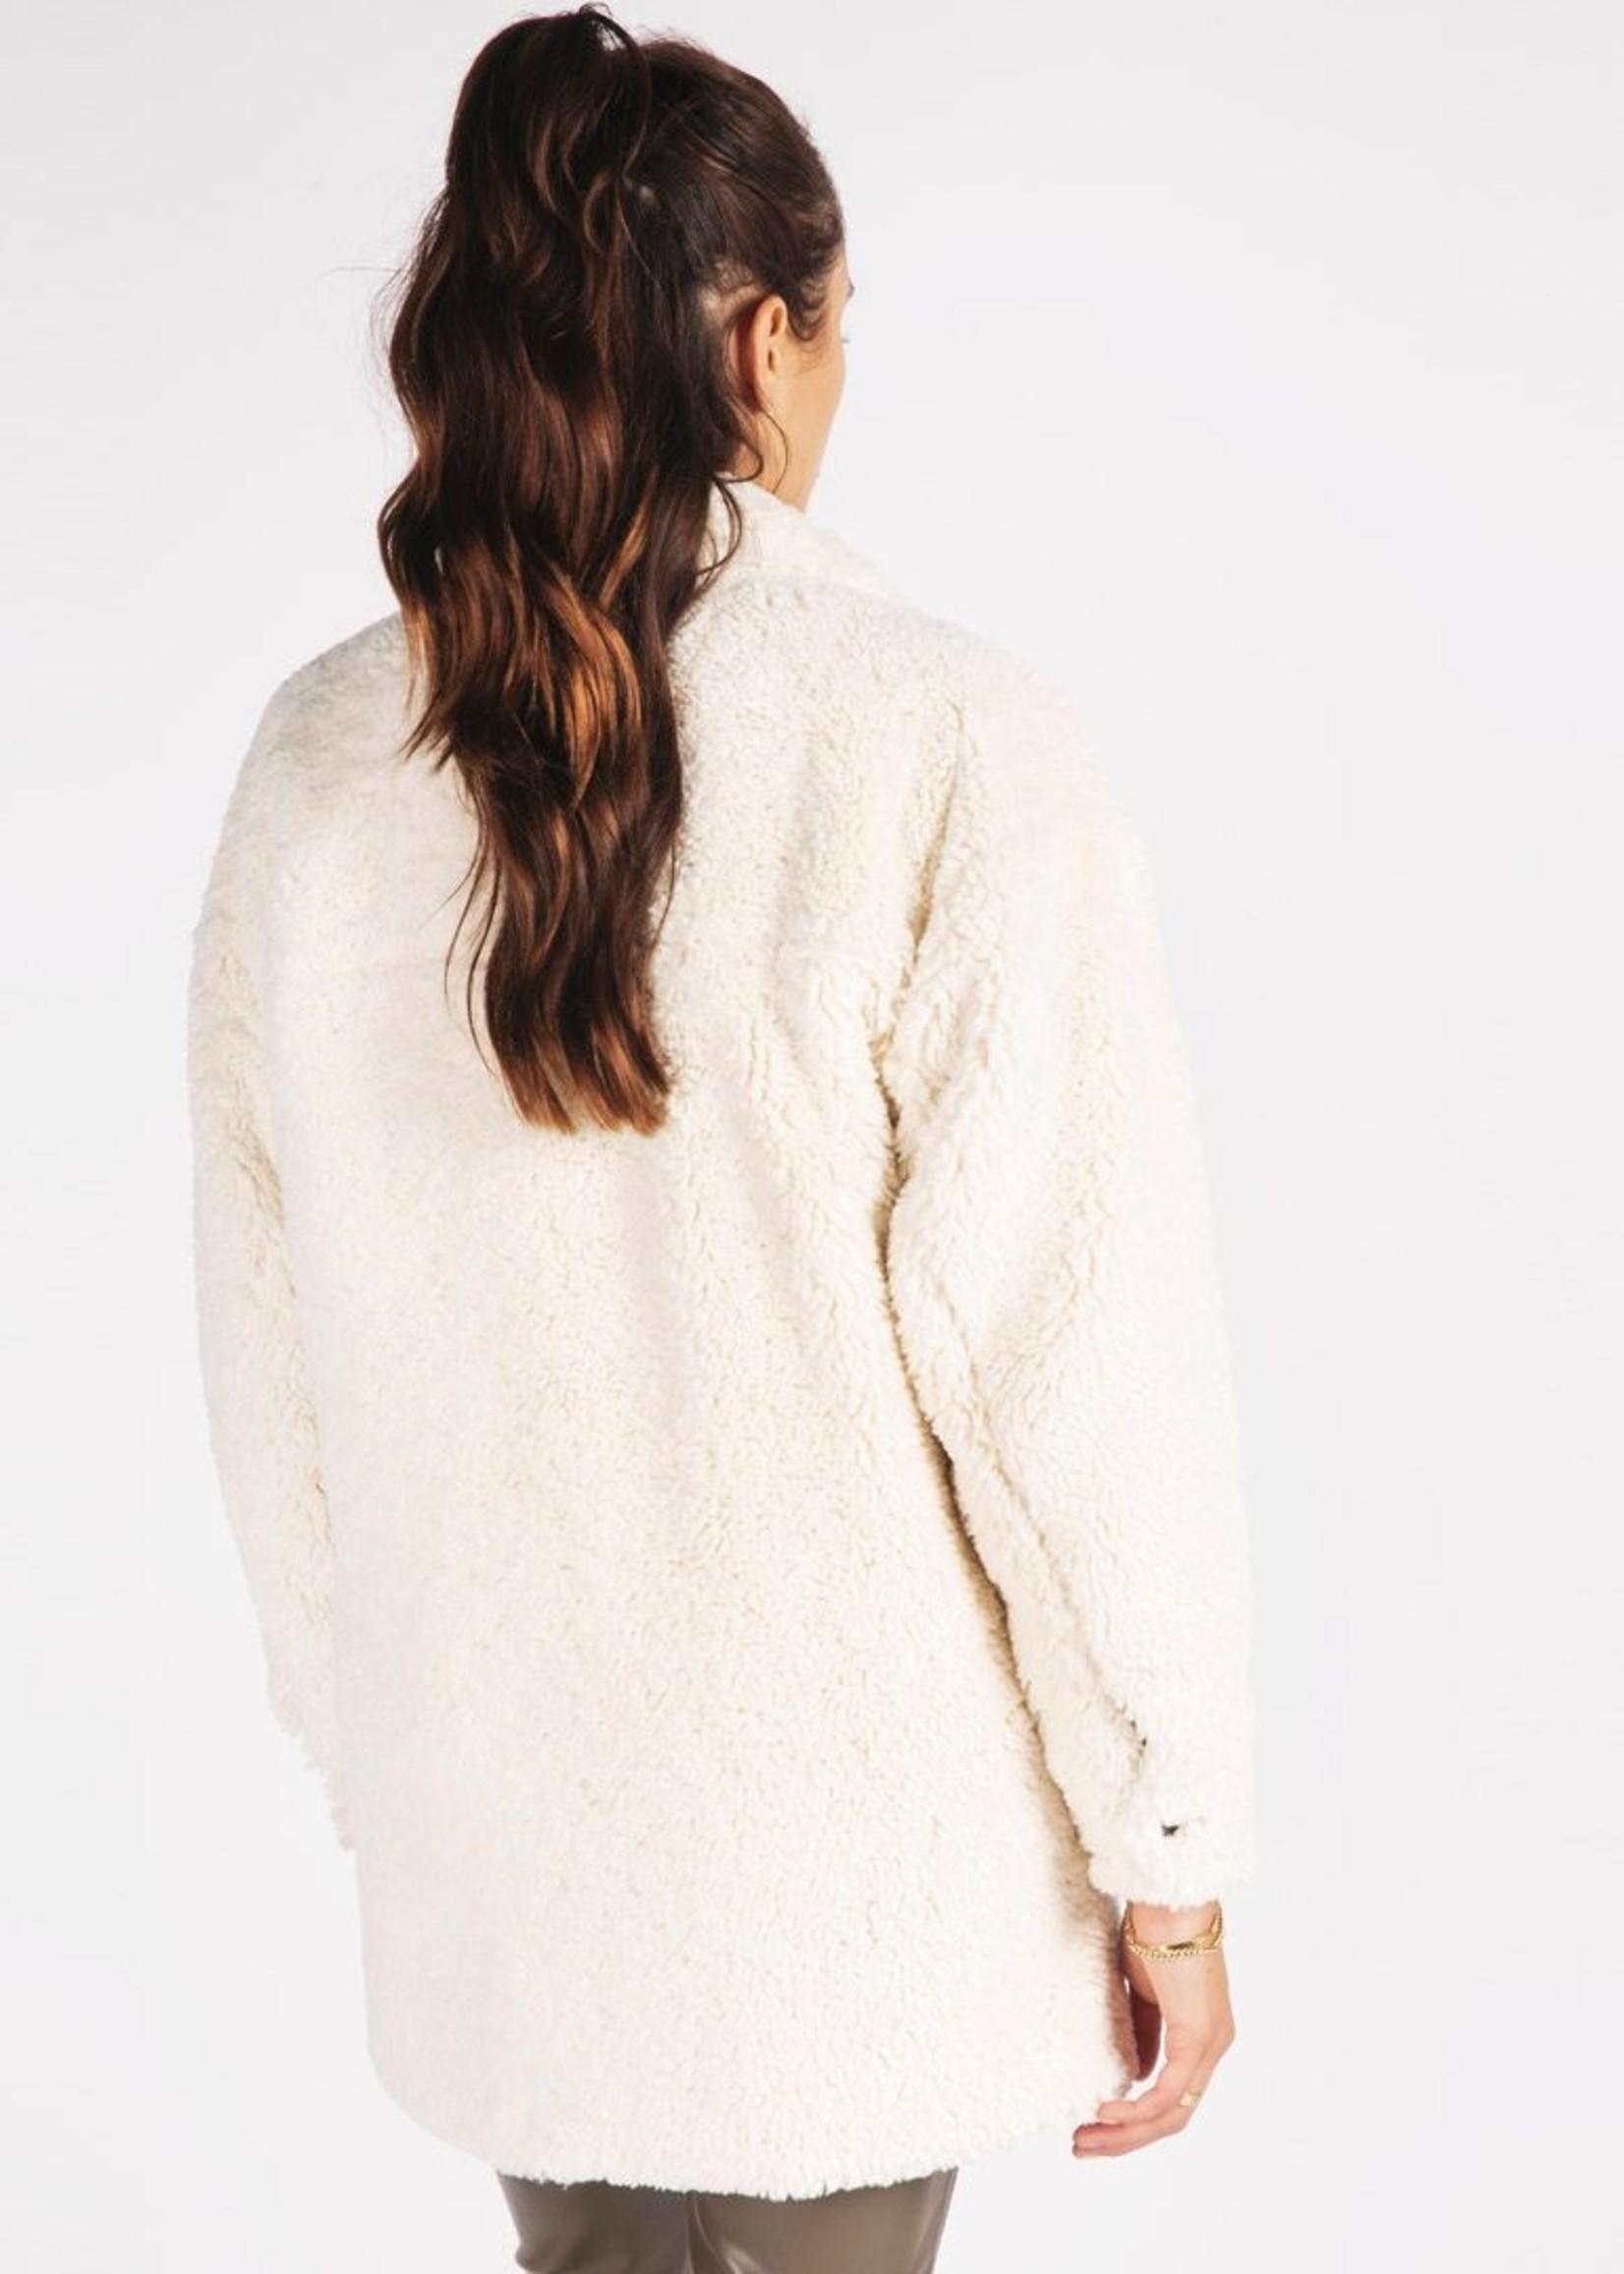 EsQualo Ivory Short Teddy Coat